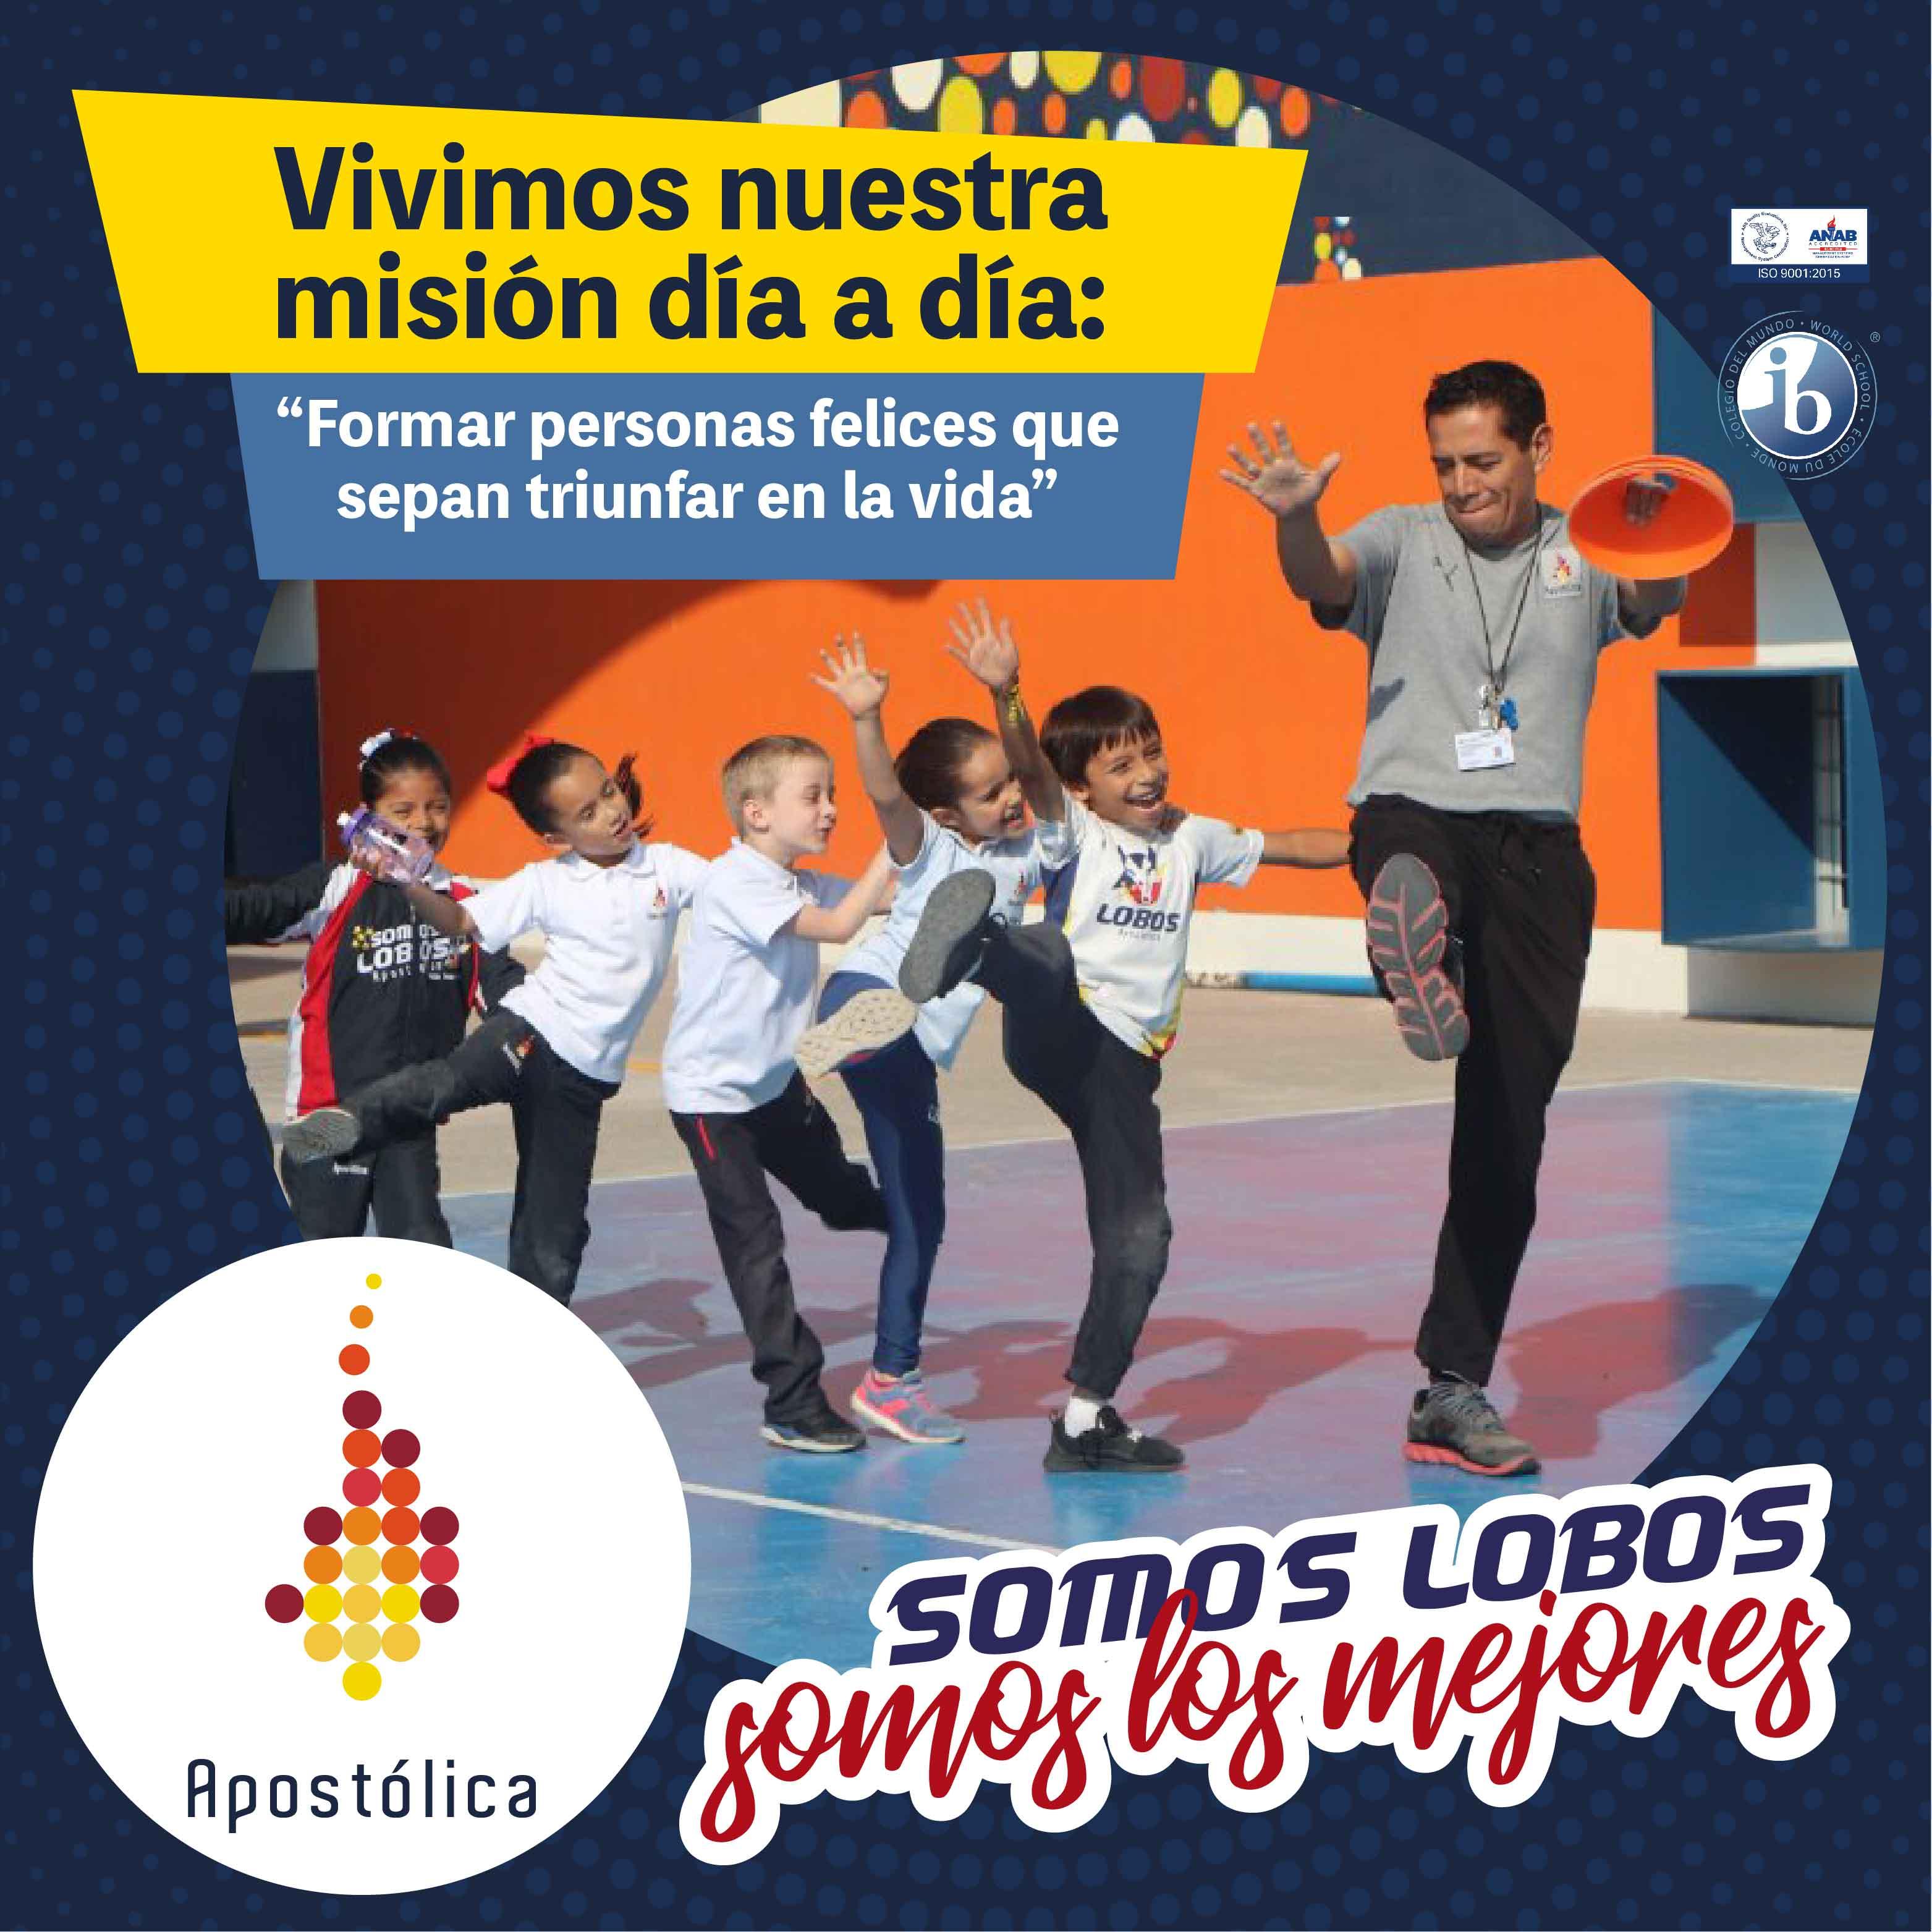 Misión Apostólica: formamos personas felices que sepan triunfar en la vida